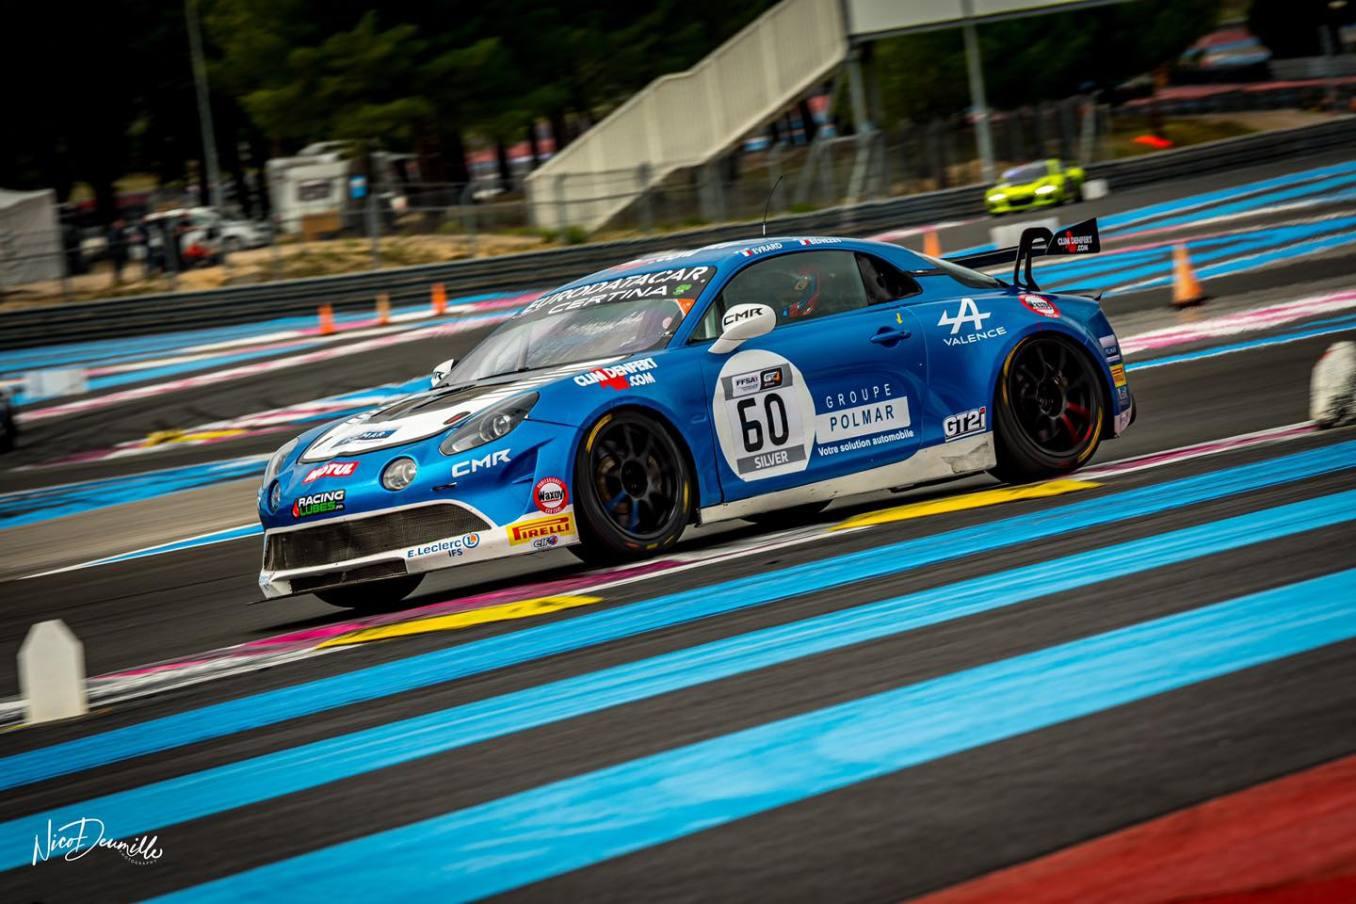 Alpine A110 GT4 FFSA GT Castellet Paul Ricard 2020 2 | Alpine A110 GT4 : Première victoire de Mirage Racing au Castellet en FFSA GT 2020